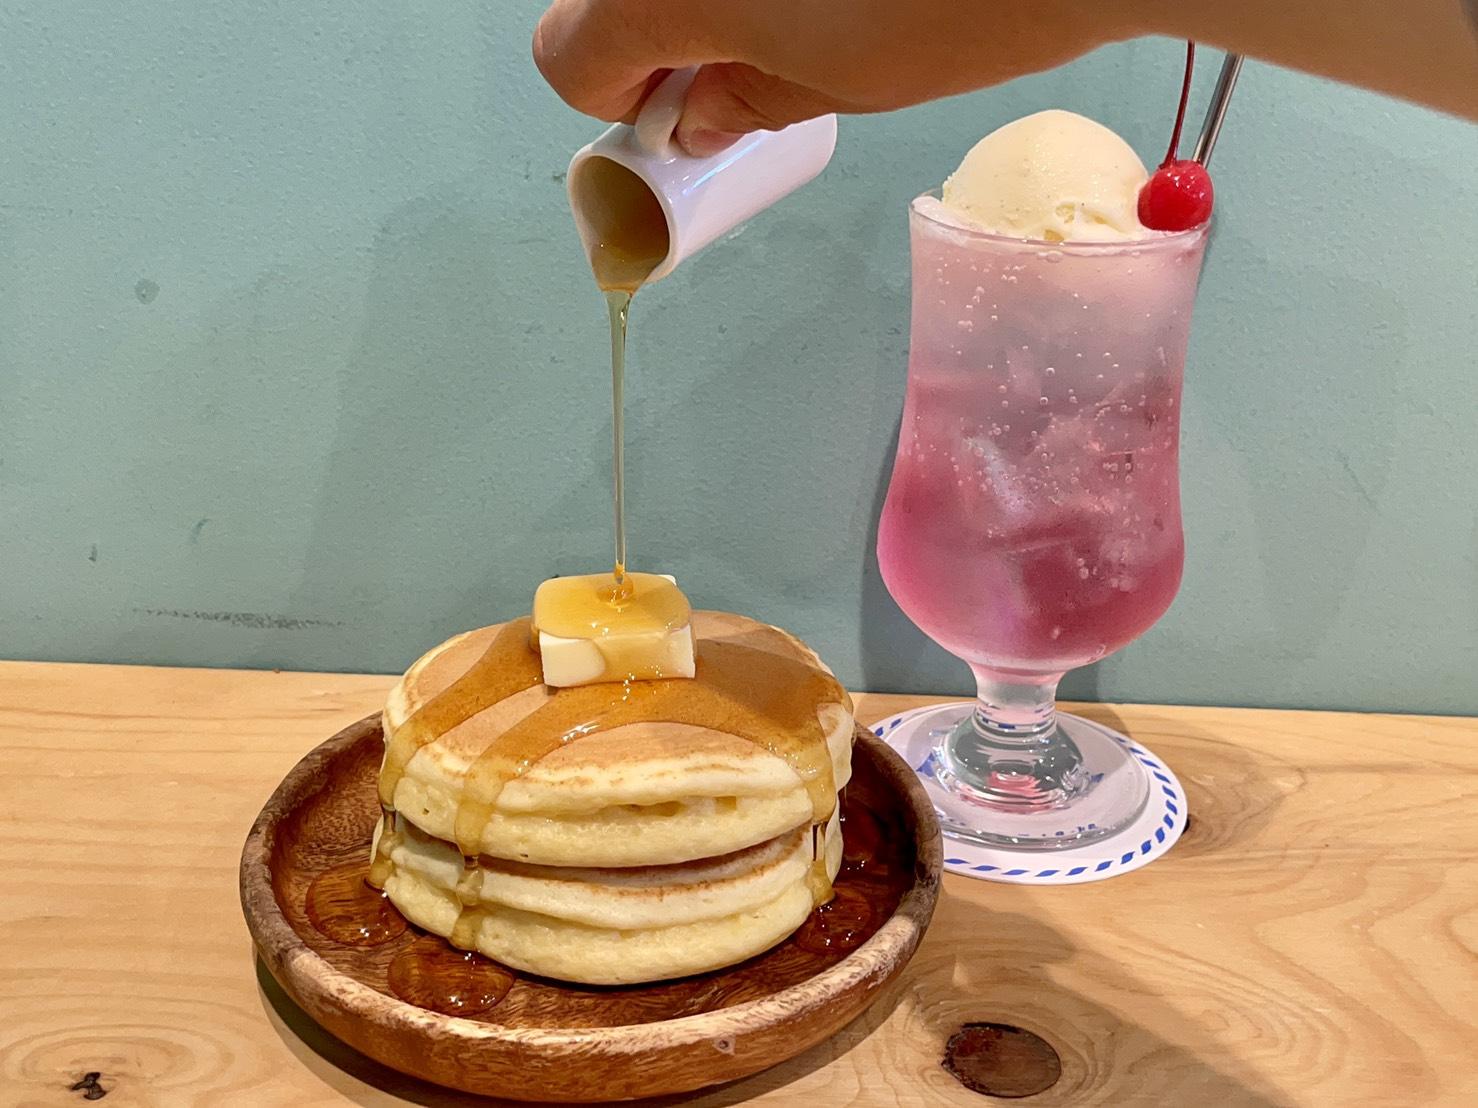 名駅|全国のフリーペーパーを楽しみながら有意義な時間を過ごせる喫茶店